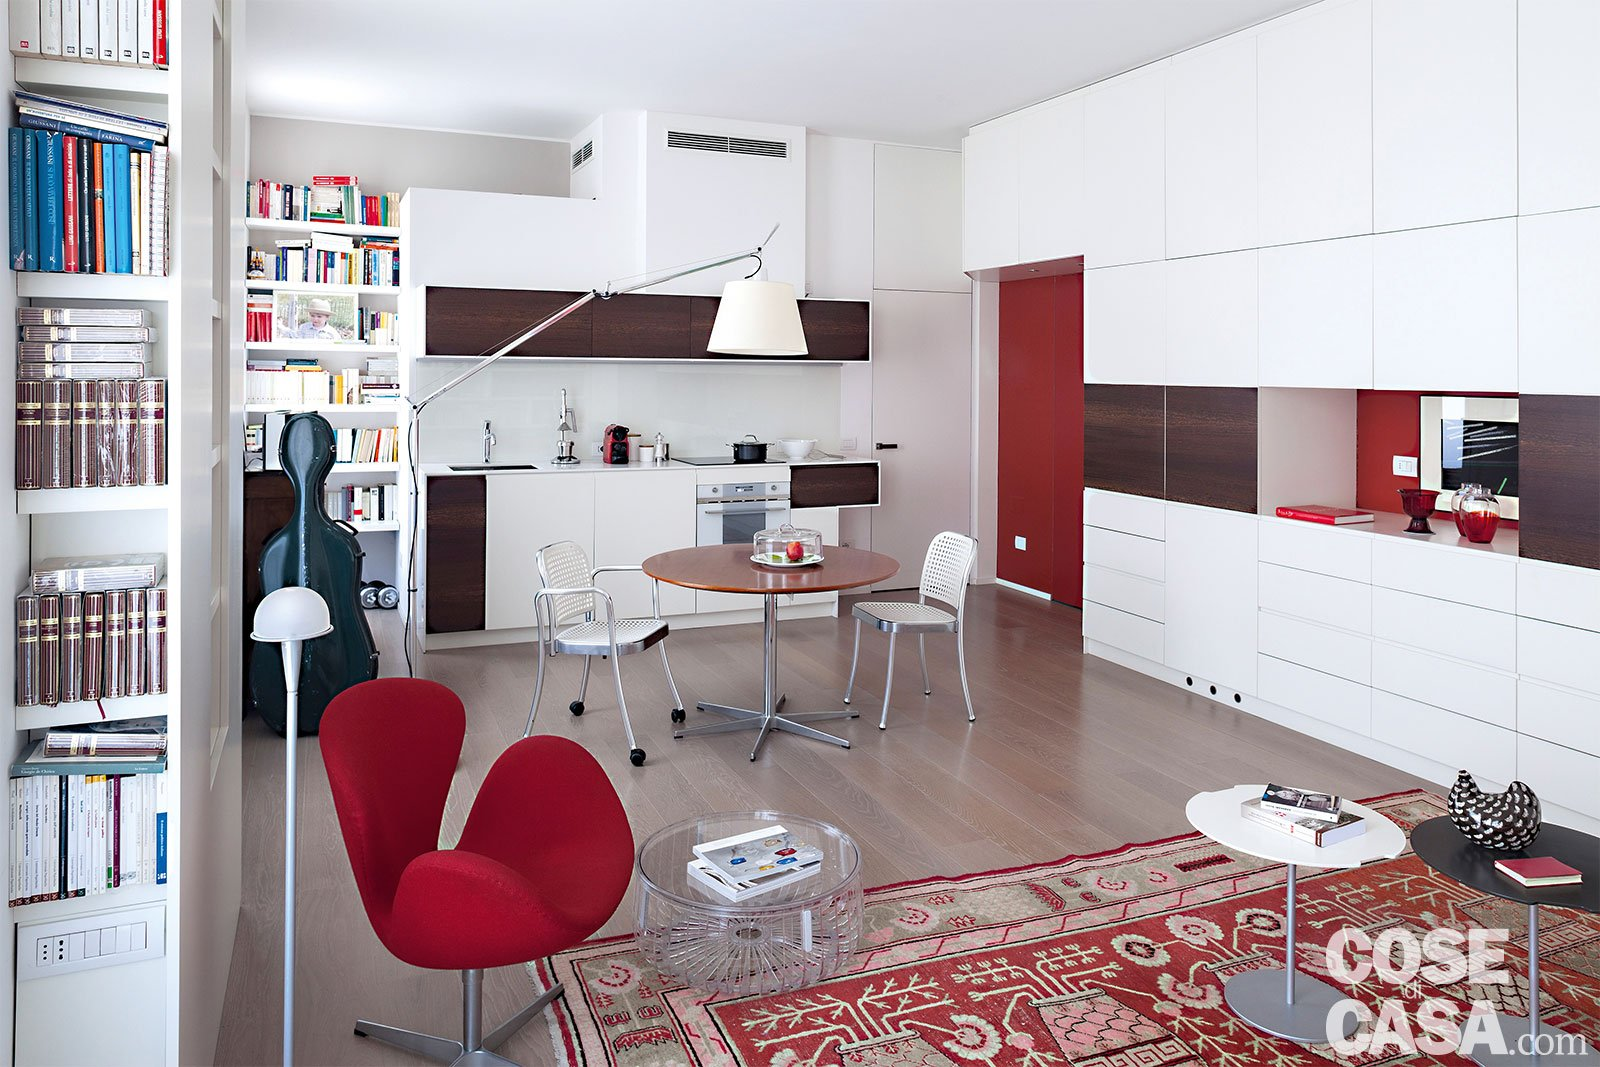 50 mq: una casa open space per avere più luce. Guarda i costi della ...